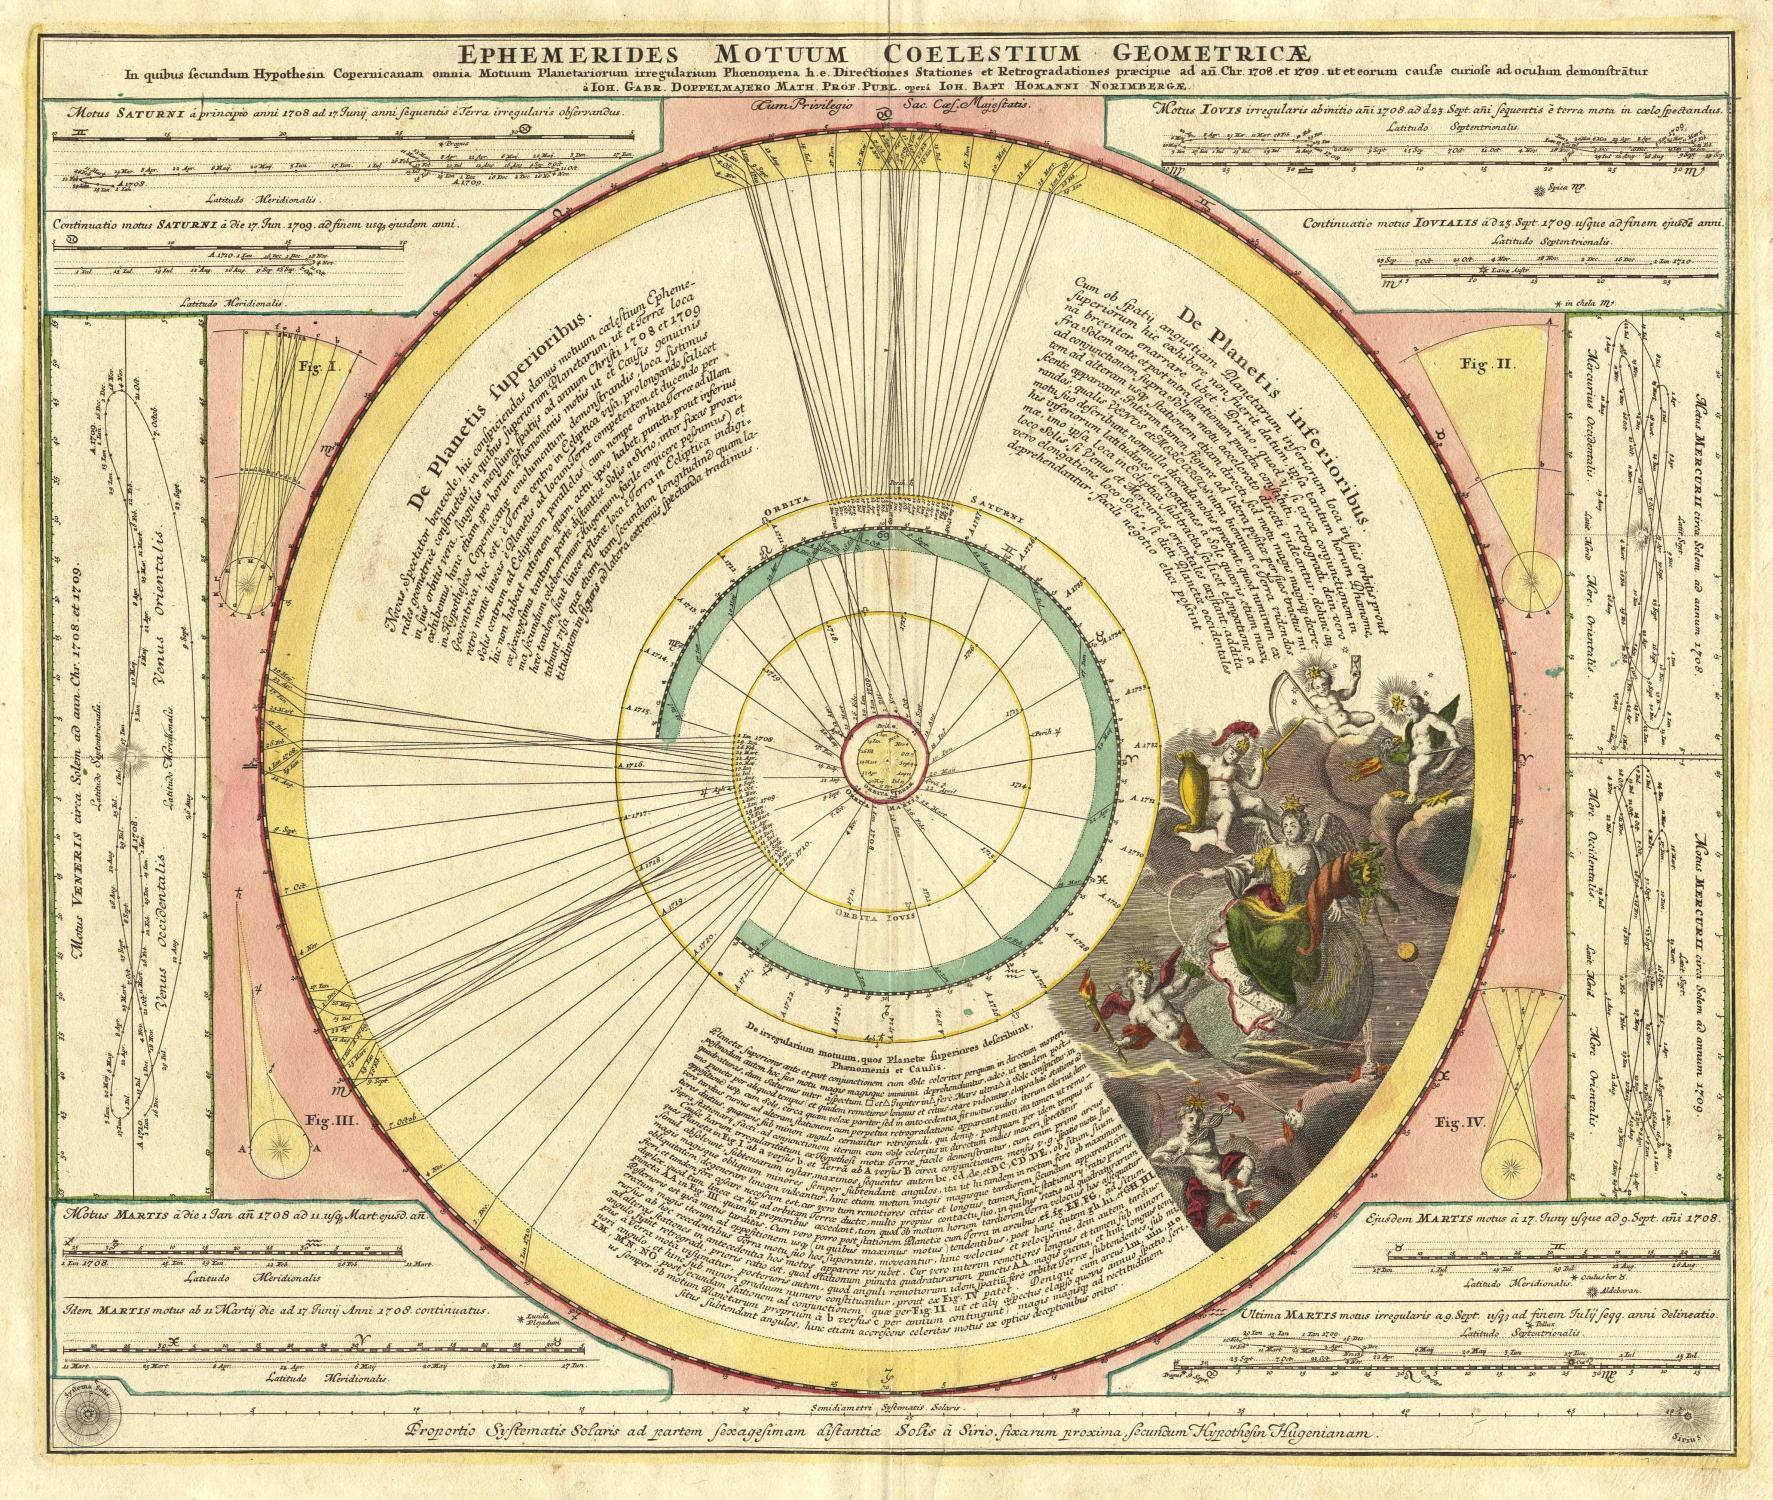 Ephemerides Motuum Coelestium Geometricae In quibus secundum Hypothesin Copernicanam omnia Motuum Planetariorum irregularium Phoenomena